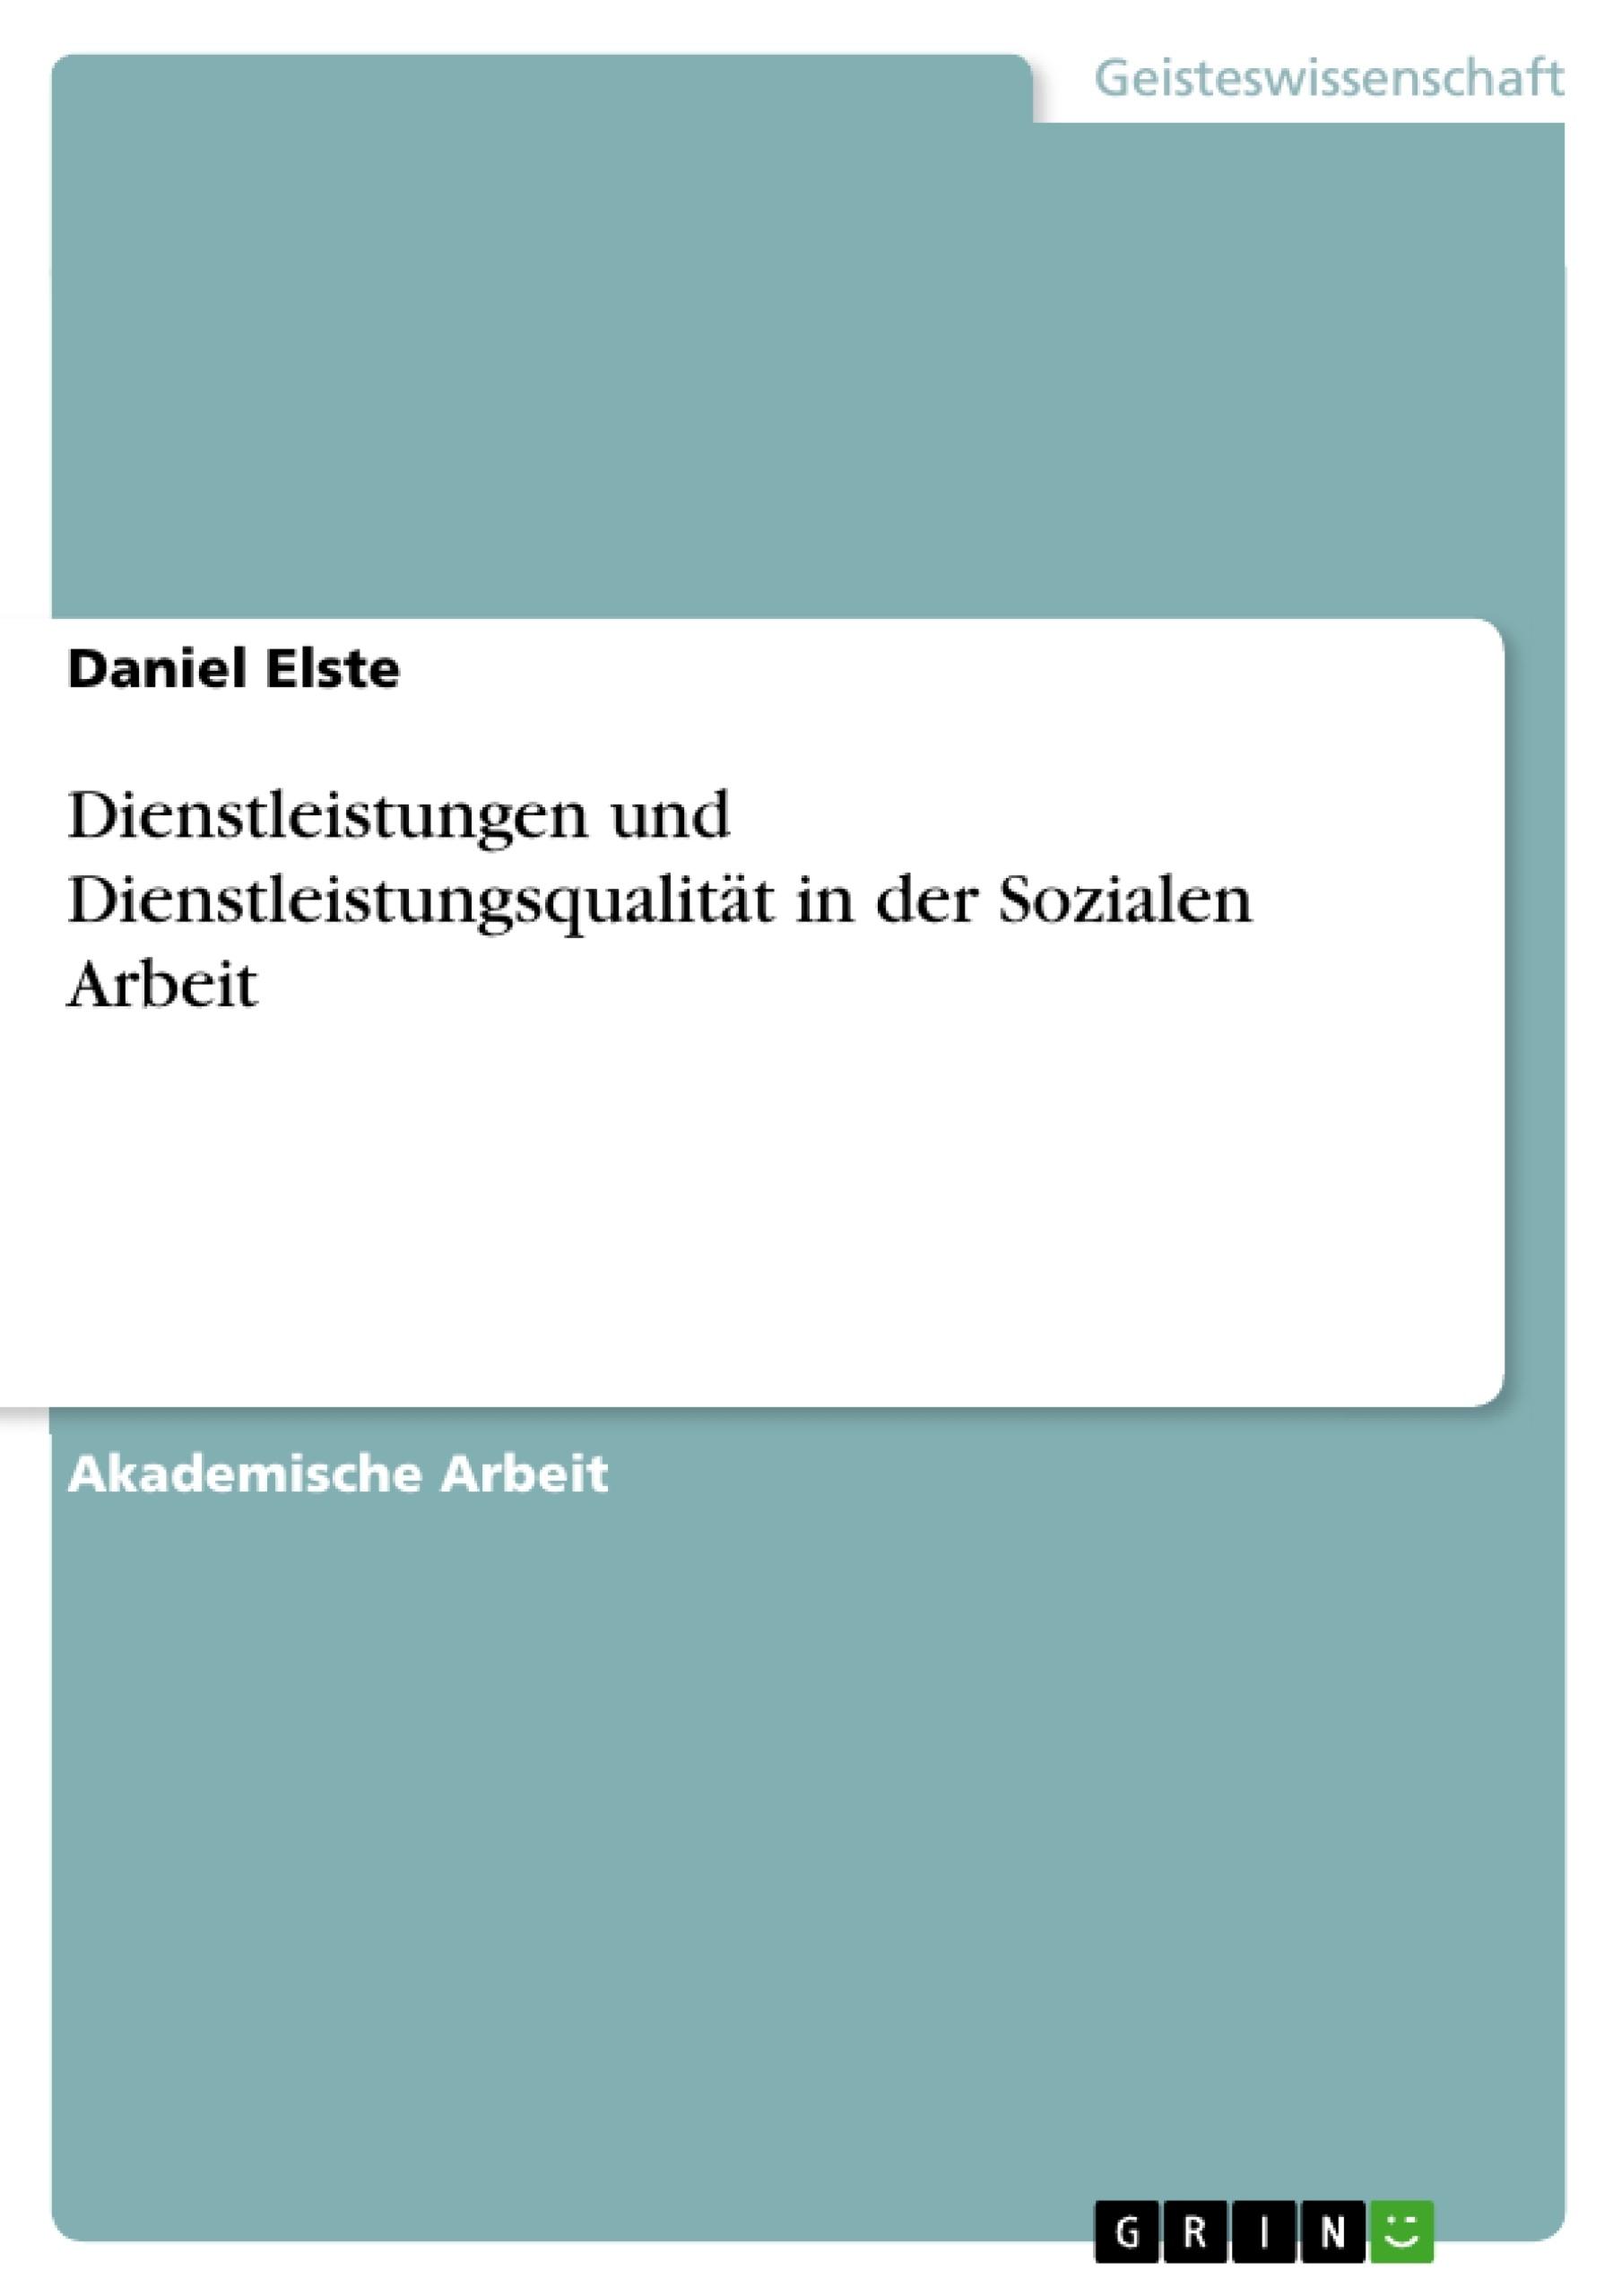 Titel: Dienstleistungen und Dienstleistungsqualität in der Sozialen Arbeit